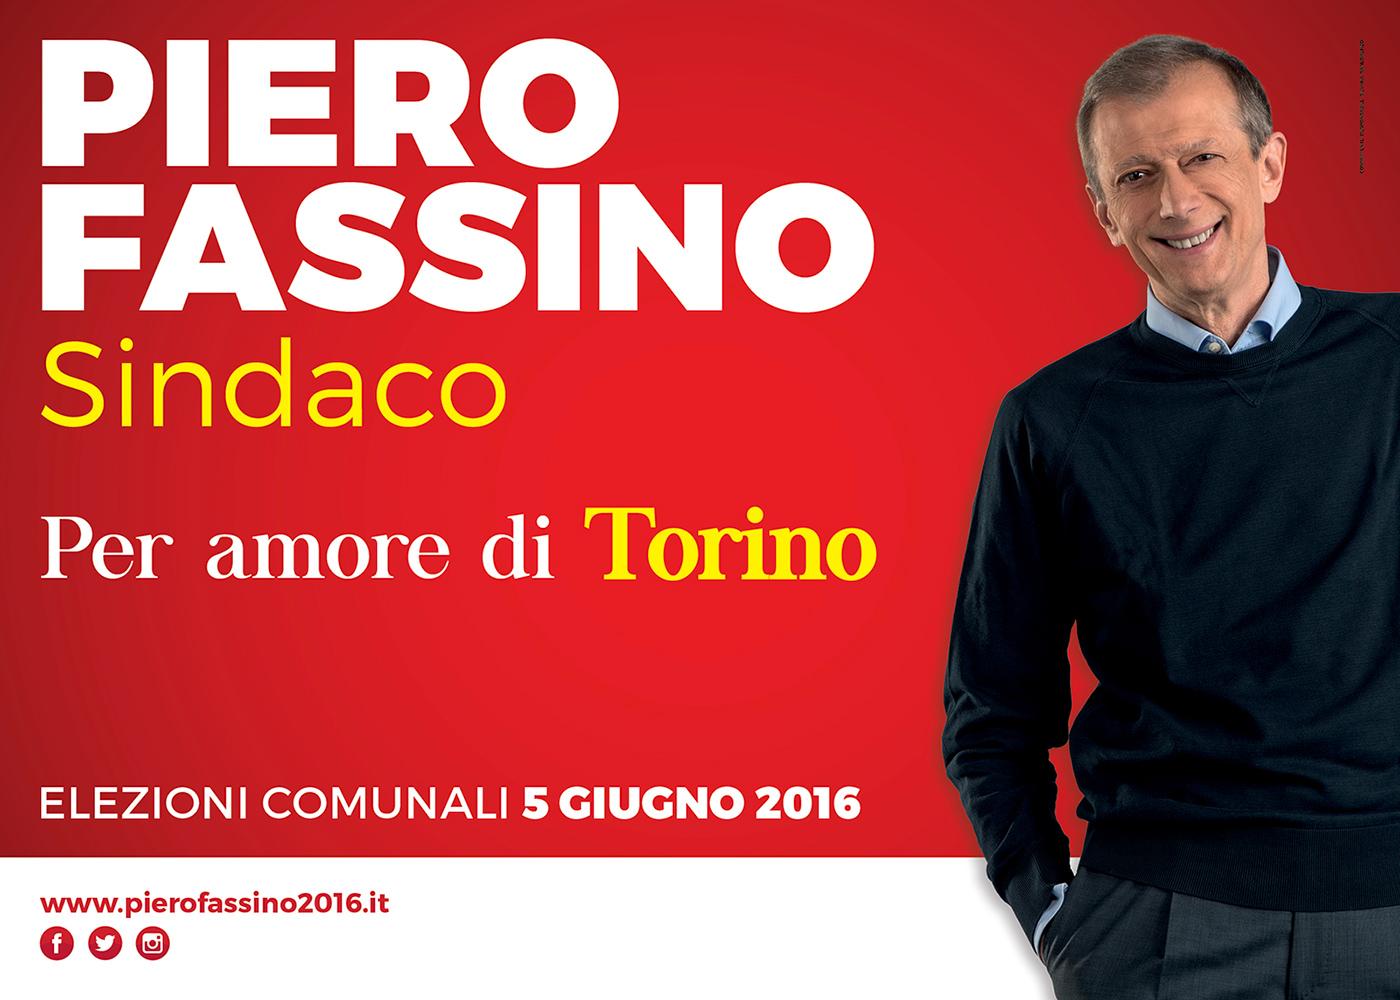 5 giugno 2016: vota e fai votare Piero Fassino!